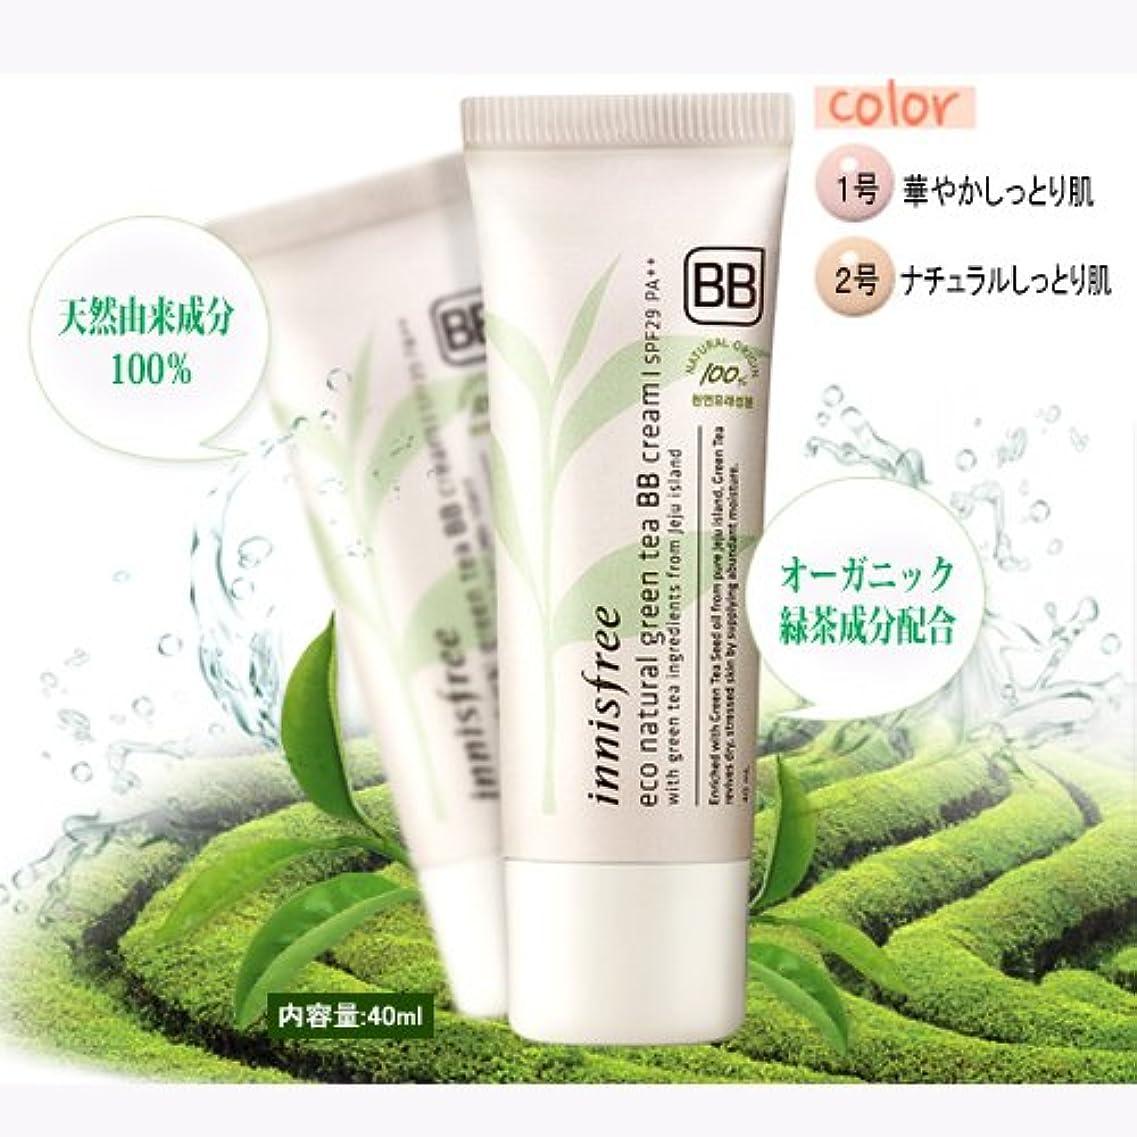 粘液風変わりなマティスinnisfree/イニスフリー Eco Natural Green Tea BB Cream #02/エコナチュラルグリーンティーBBクリームナチュラルなしっとりお肌 SPF29PA++40ml